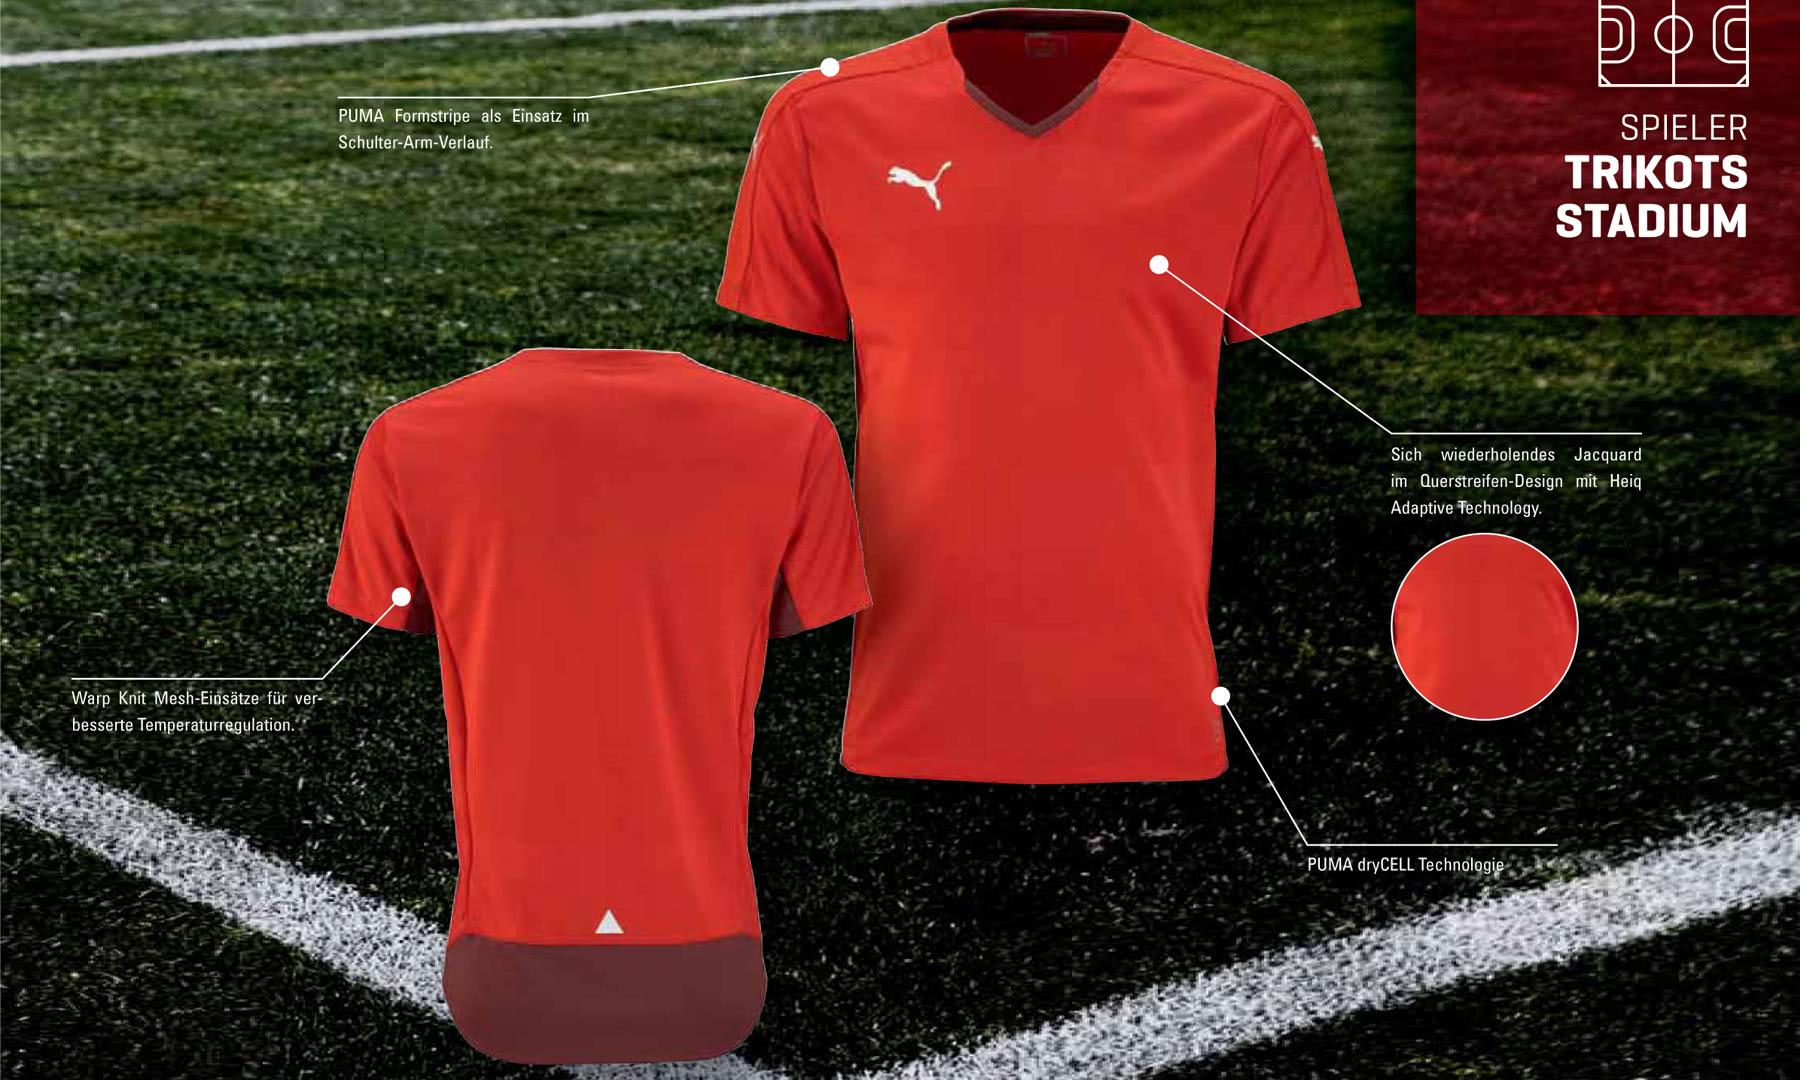 huge selection of 234b4 c97cb Puma Stadium Trikot - Profi Trikot 2015/2016 - Sportartikel ...